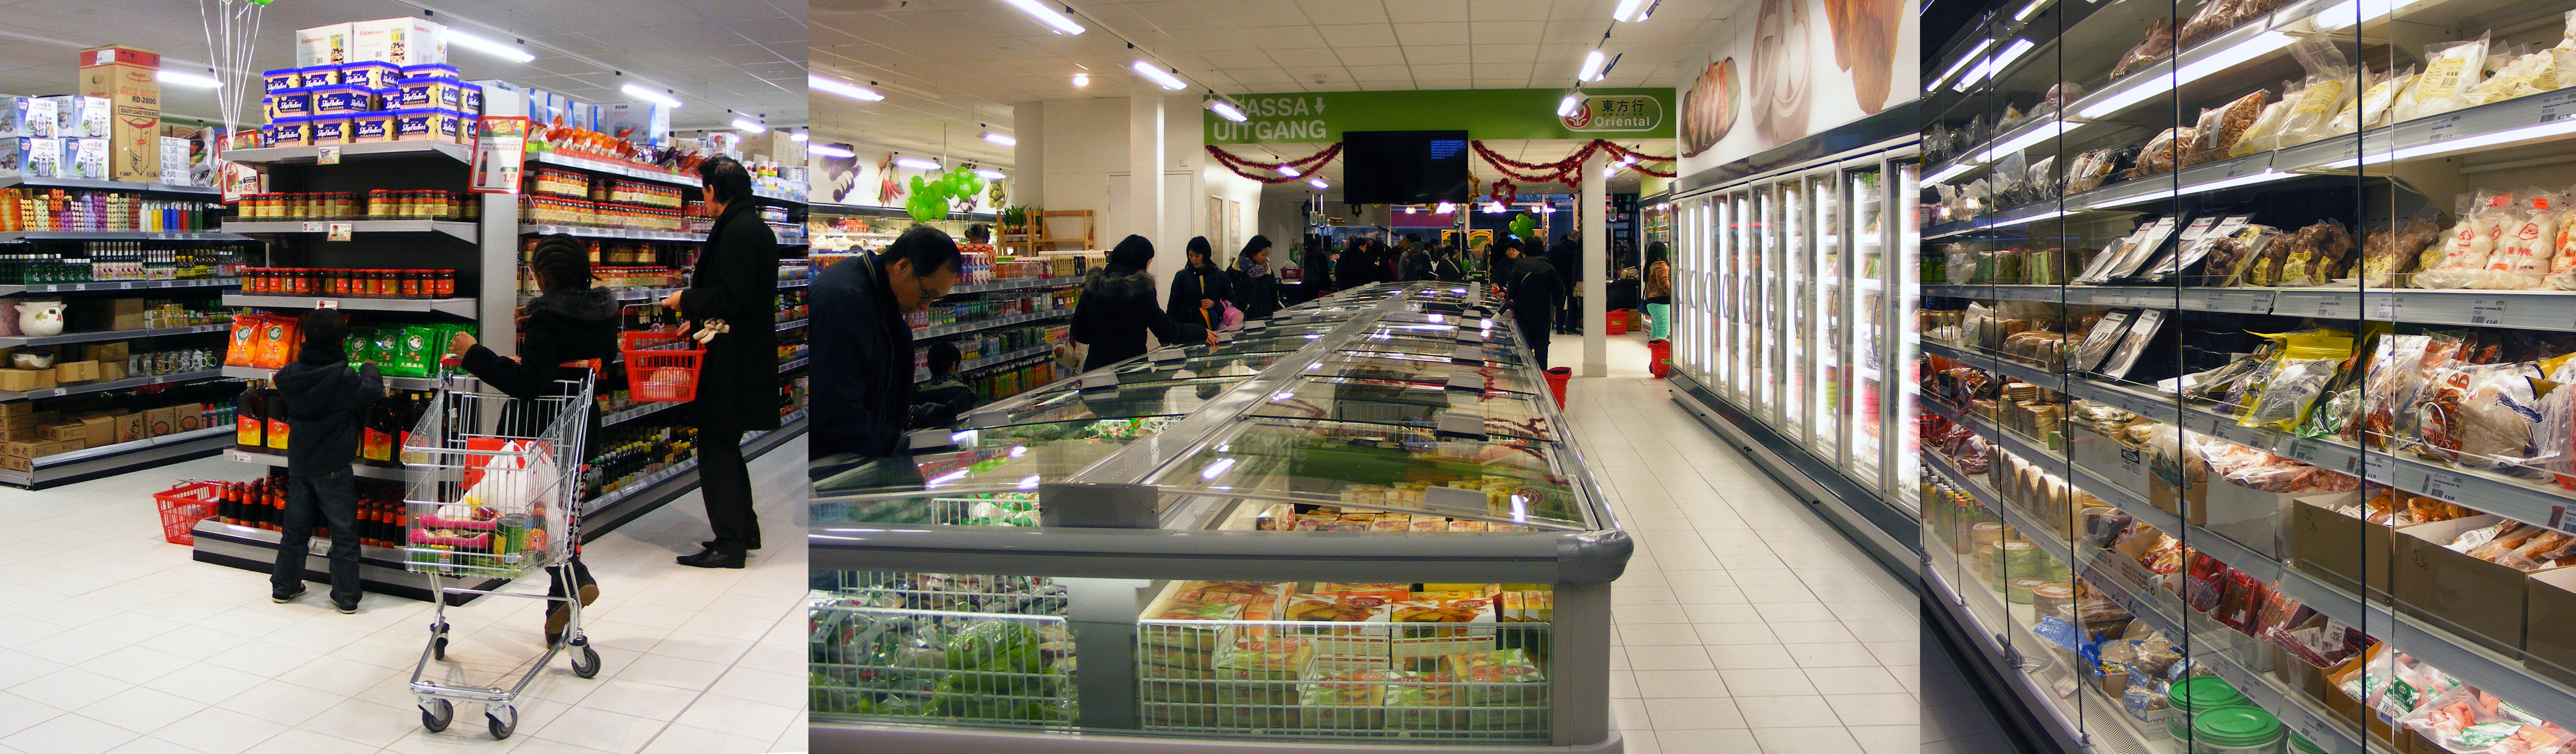 Keukenspullen Den Haag : Geplaatst in Toko's in Rotterdam 3 Reacties